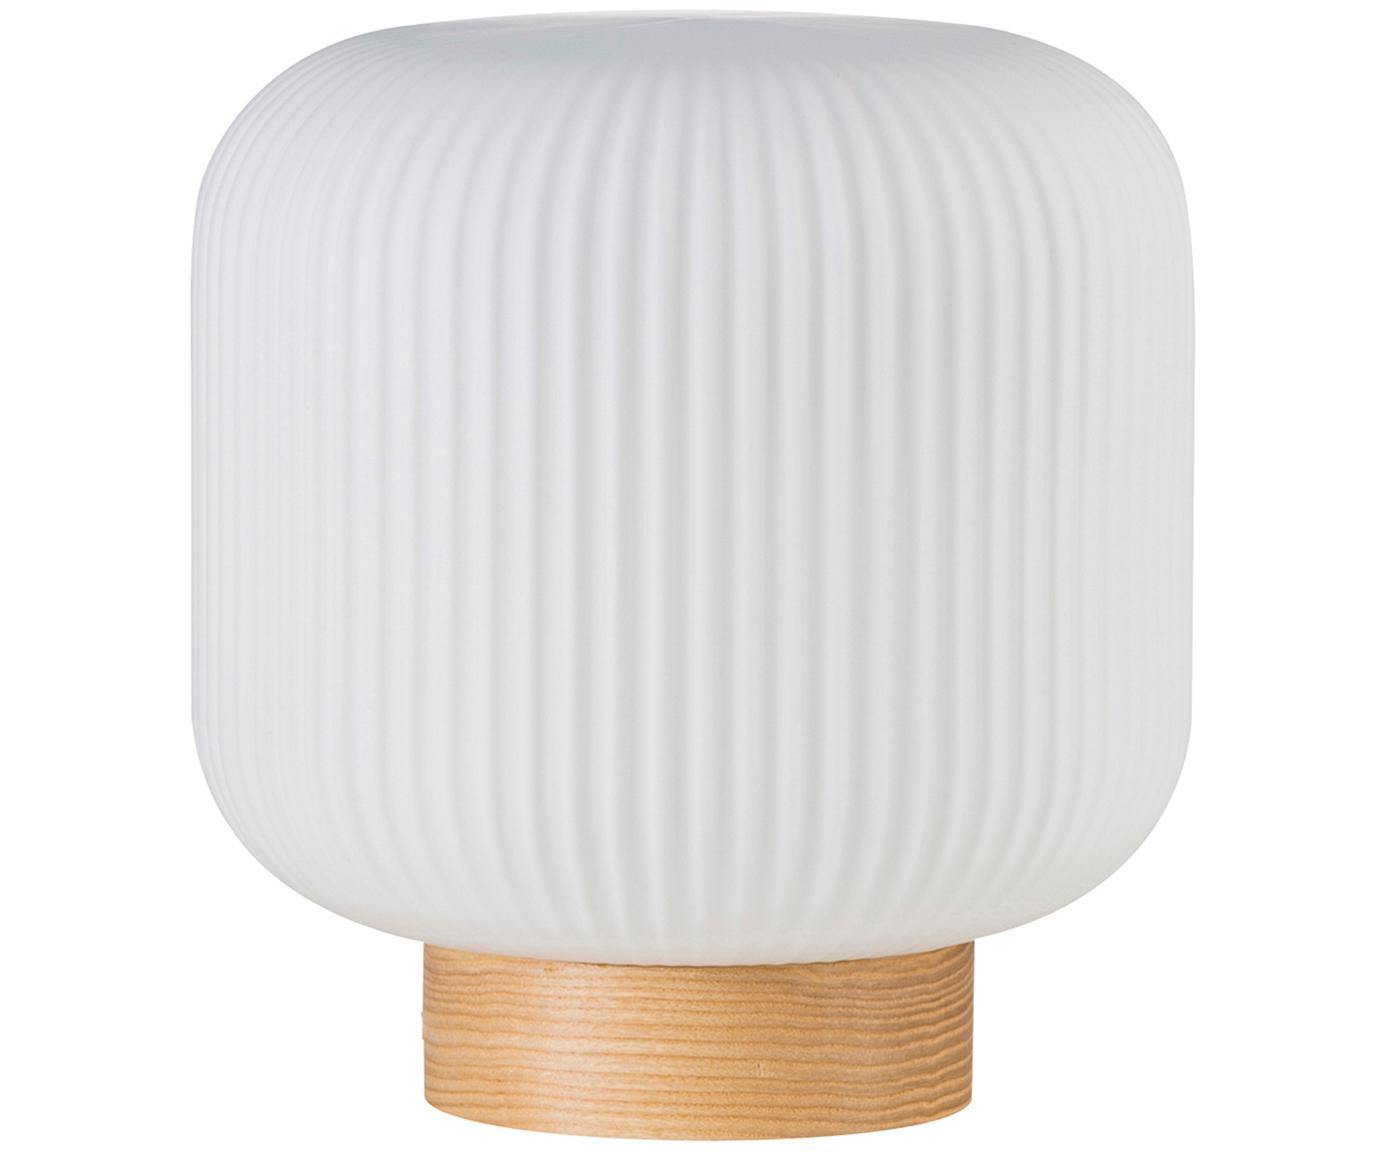 Lámpara de mesa Milford, Pantalla: vidrio opalino, Cable: cubierto en tela, Blanco opalino, madera, Ø 20 x Al 21 cm